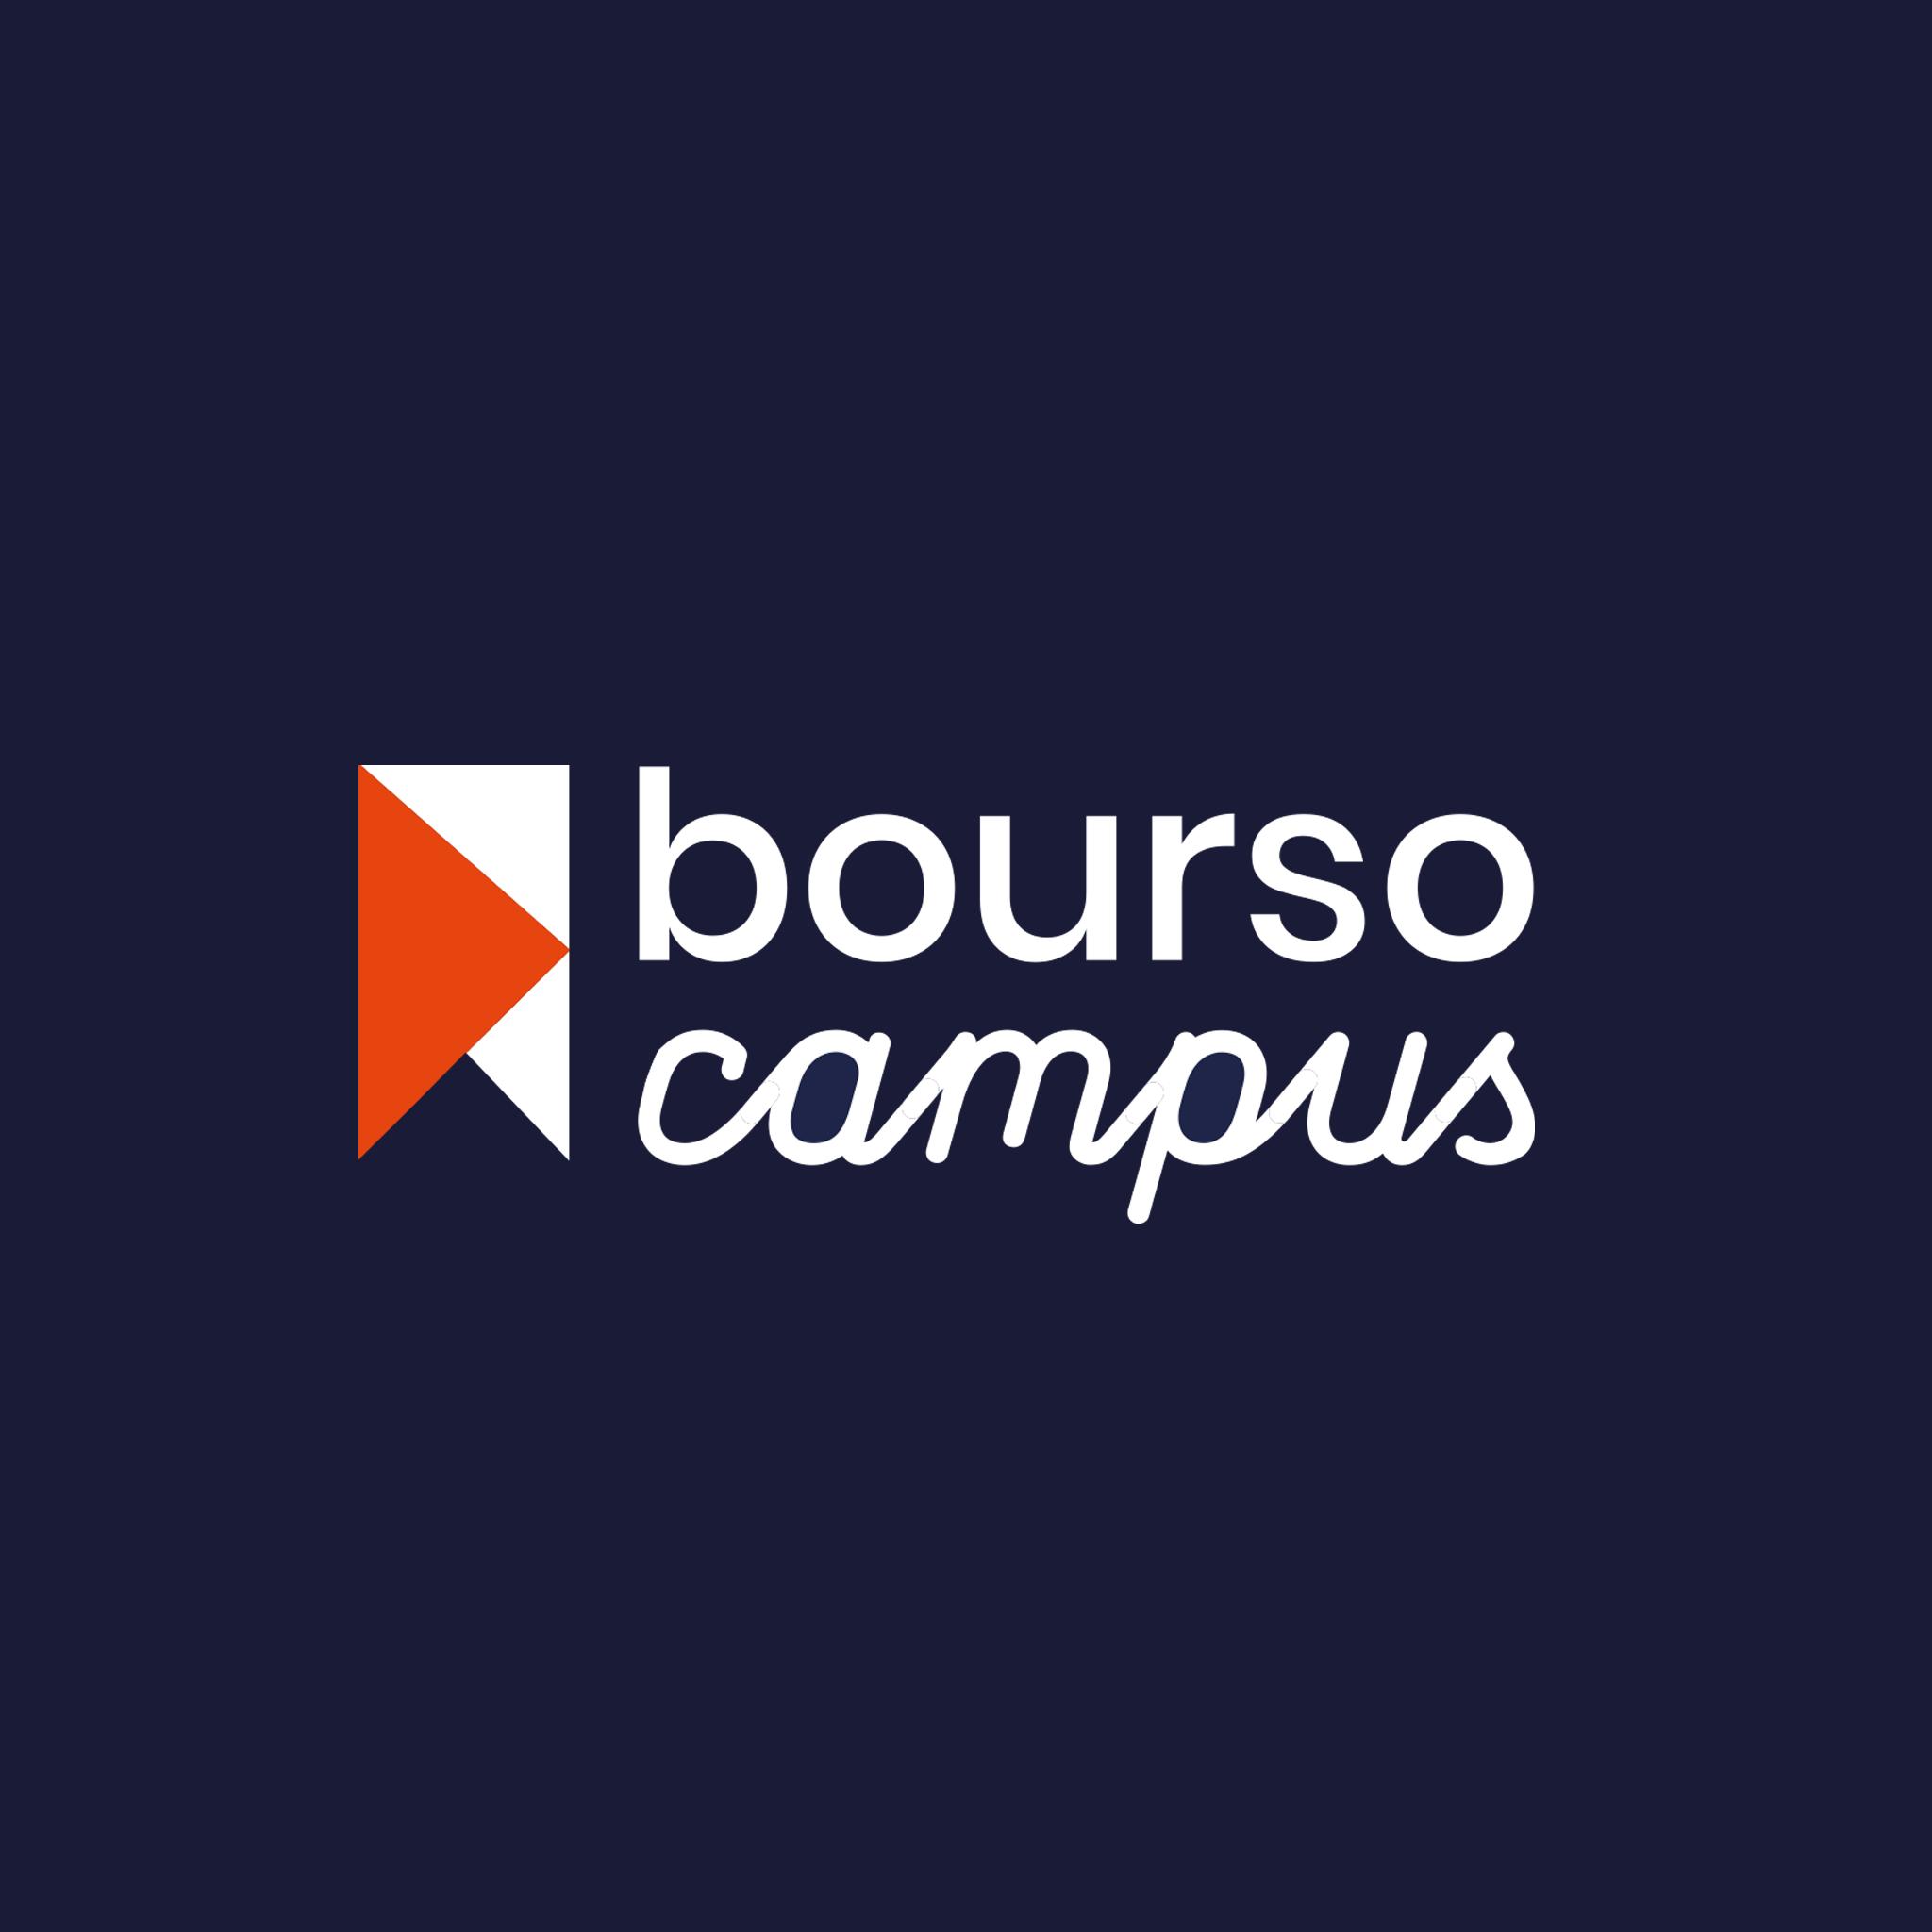 BOURSOCAMPUS